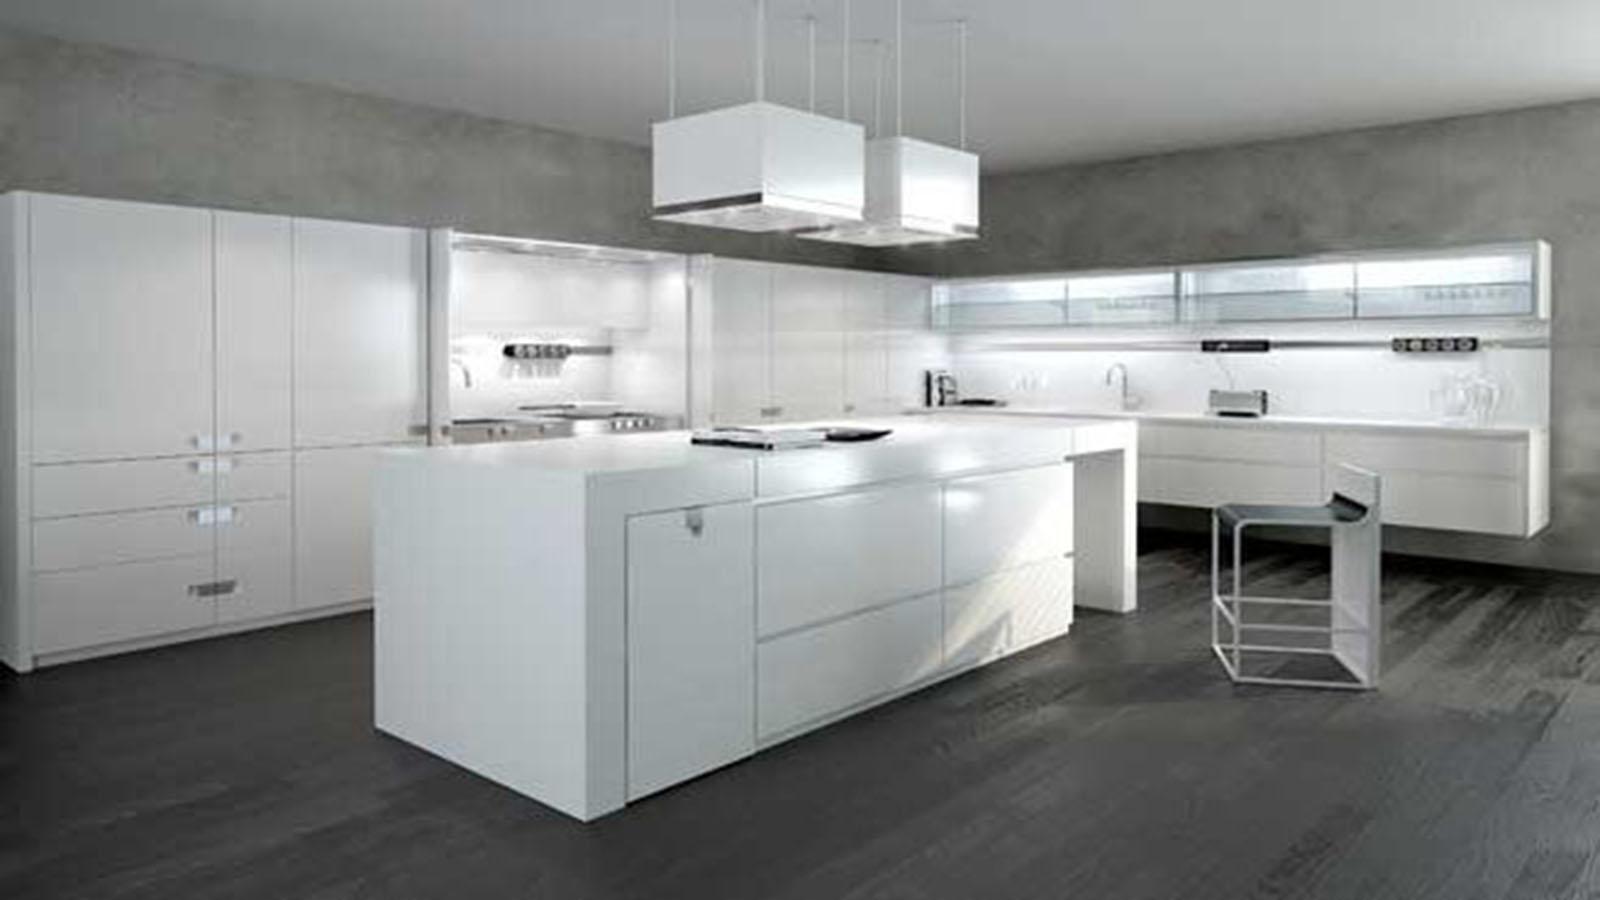 plan de travail cuisine blanc mat - atwebster fr